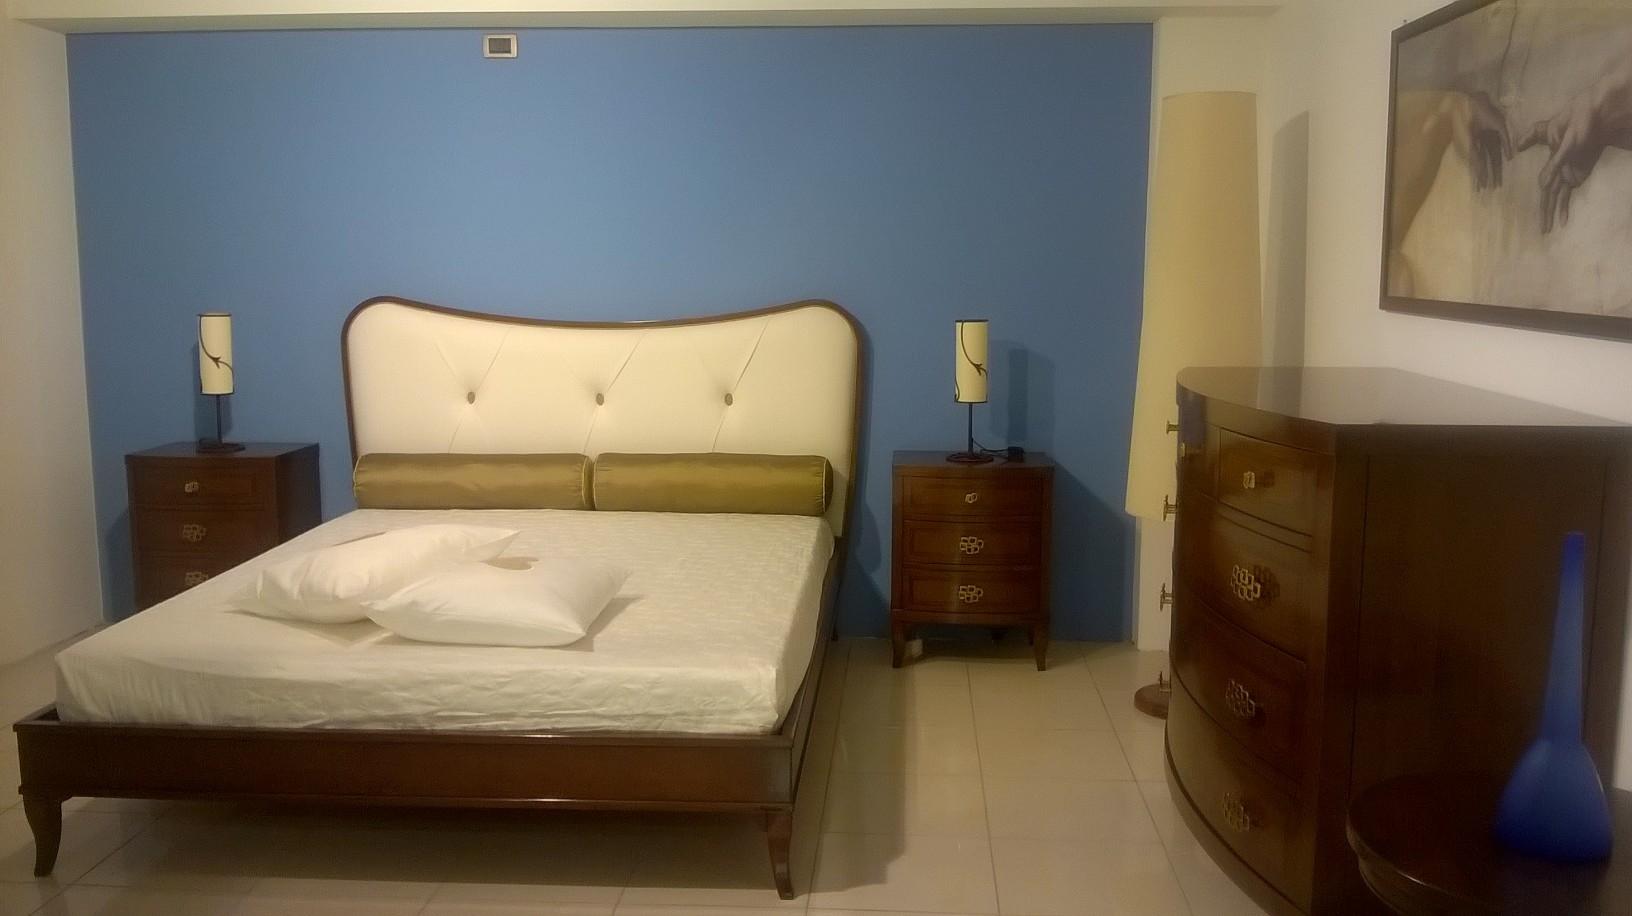 Le fablier camere da letto camera da letto melograno le - Camera da letto le fablier melograno ...